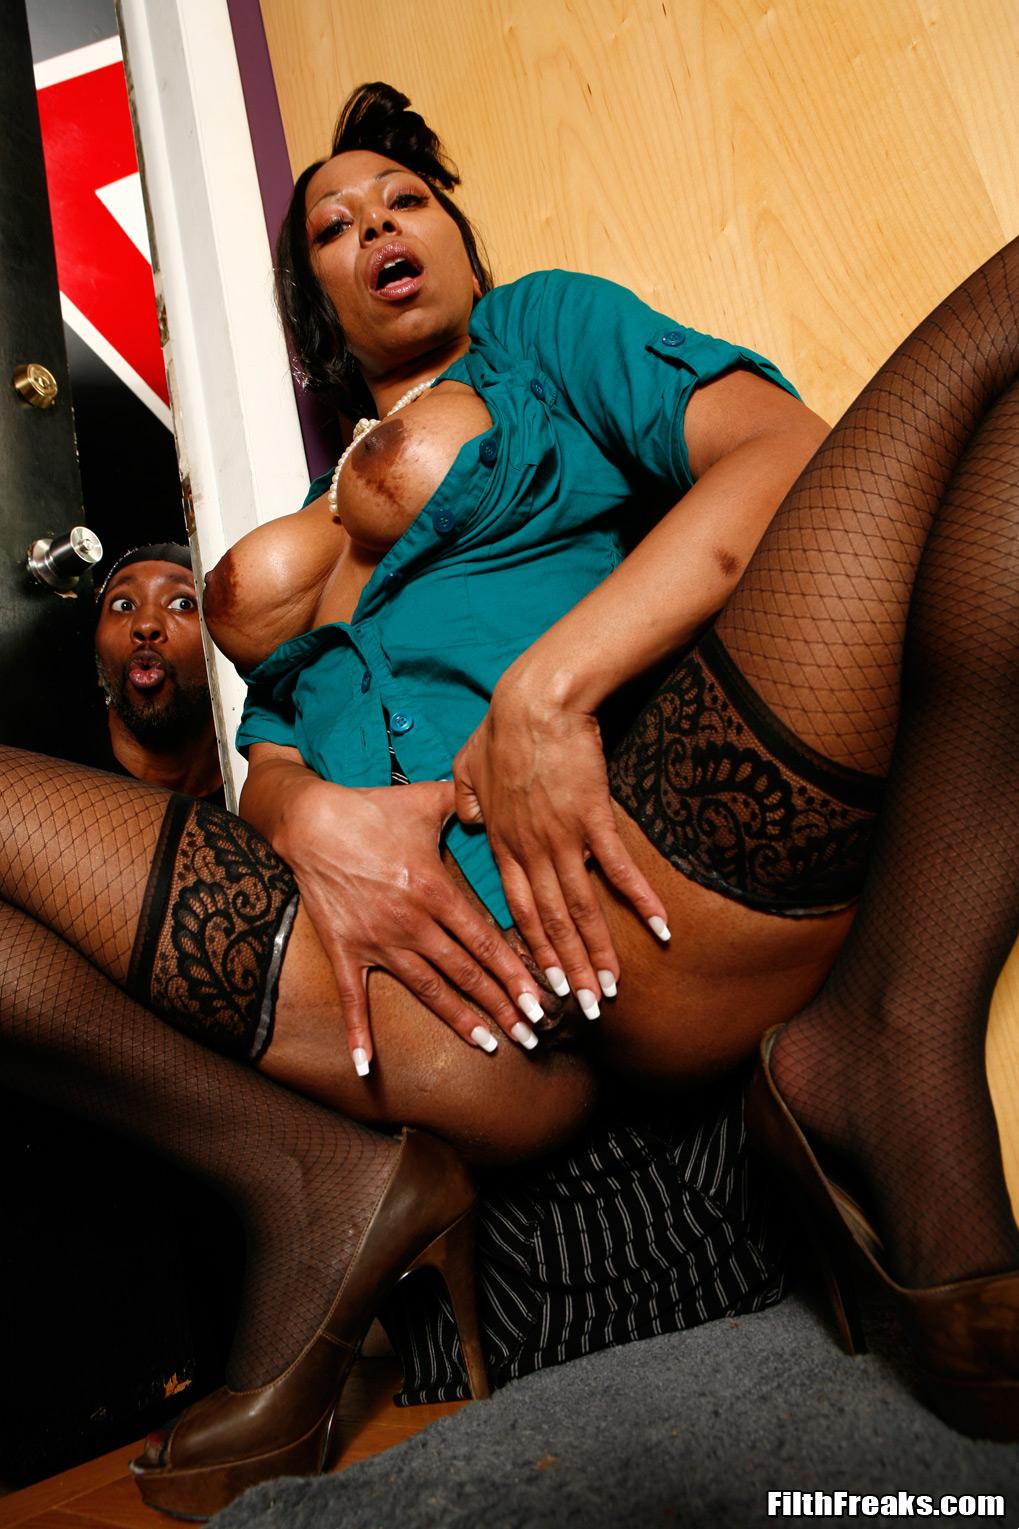 Ebony cougar porn and black sex galery pics